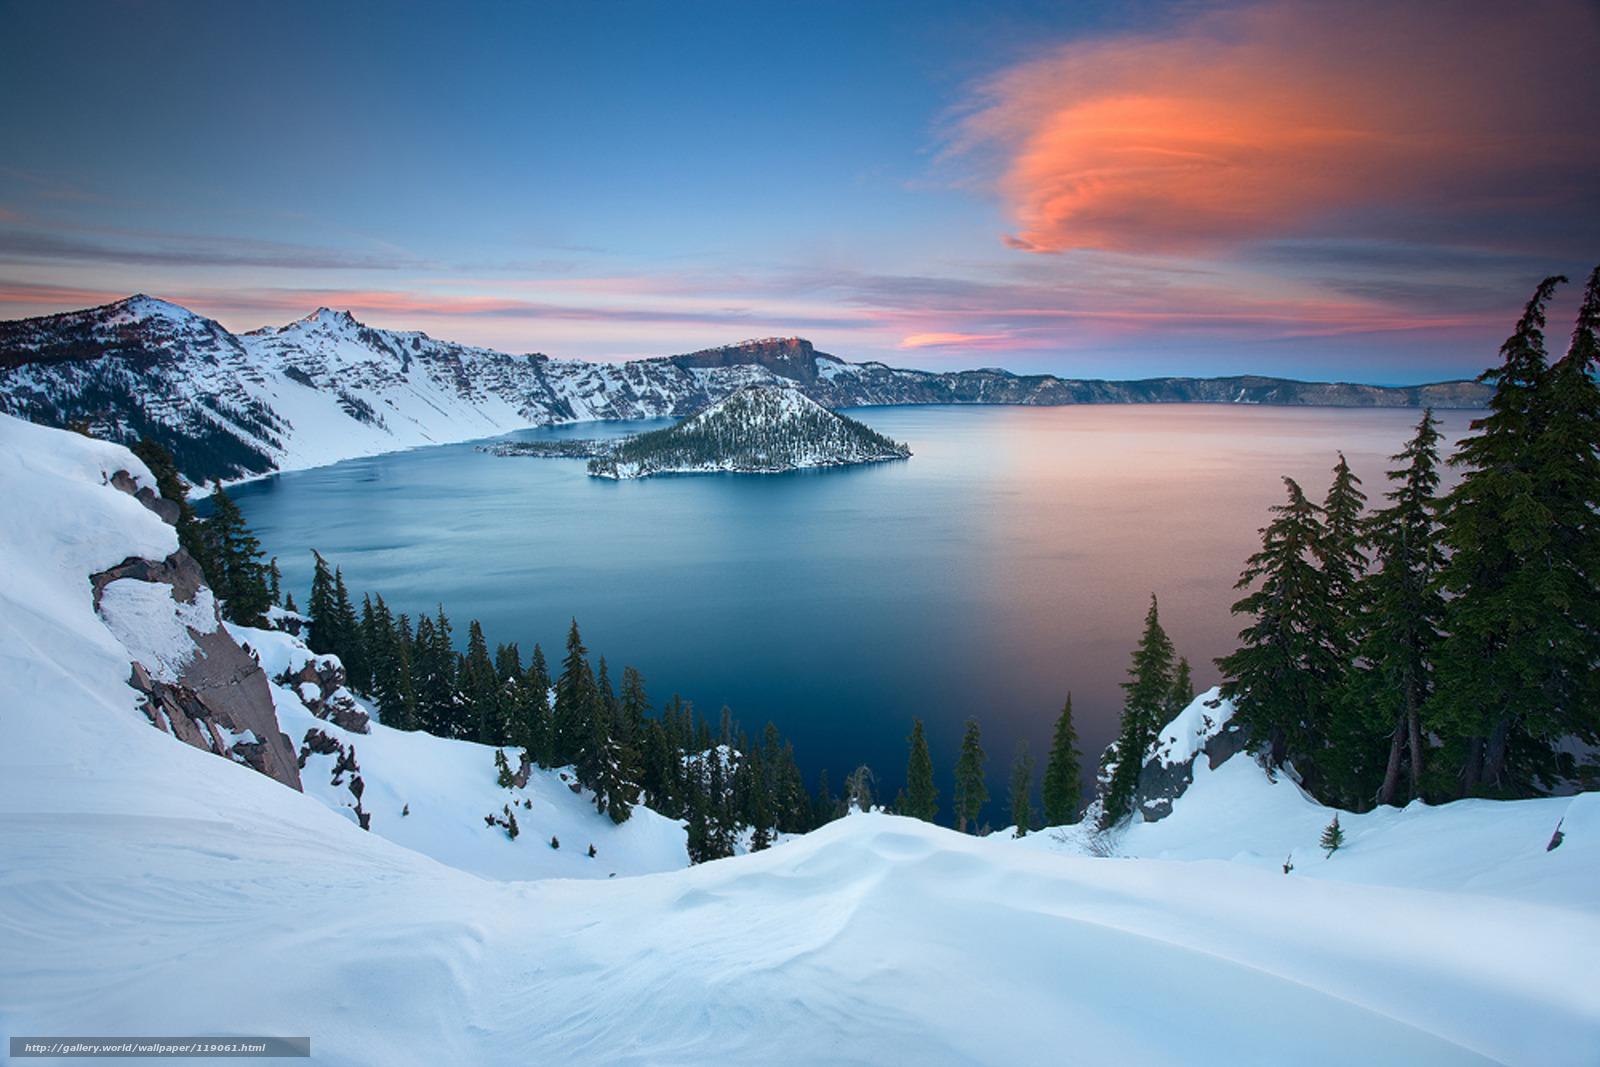 Tlcharger Fond d'ecran hiver, lac, neige, Montagnes Fonds d'ecran gratuits pour votre rsolution ...